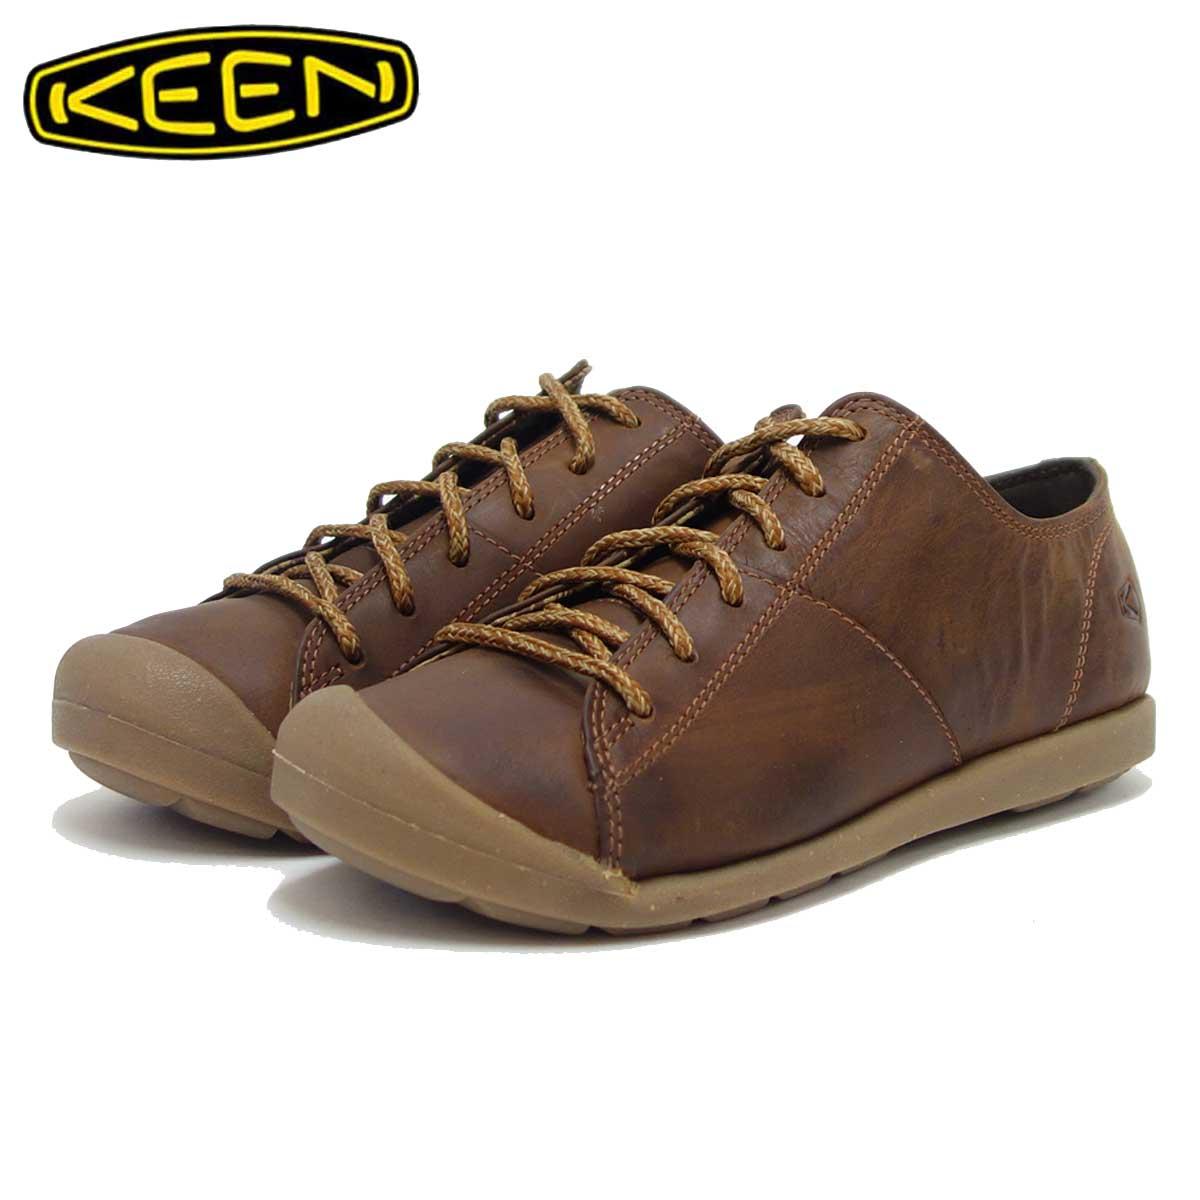 キーン KEEN SIENNA OXFORD 1019585 Tortoise Shell(レディース) シエナ オックスフォード「靴」